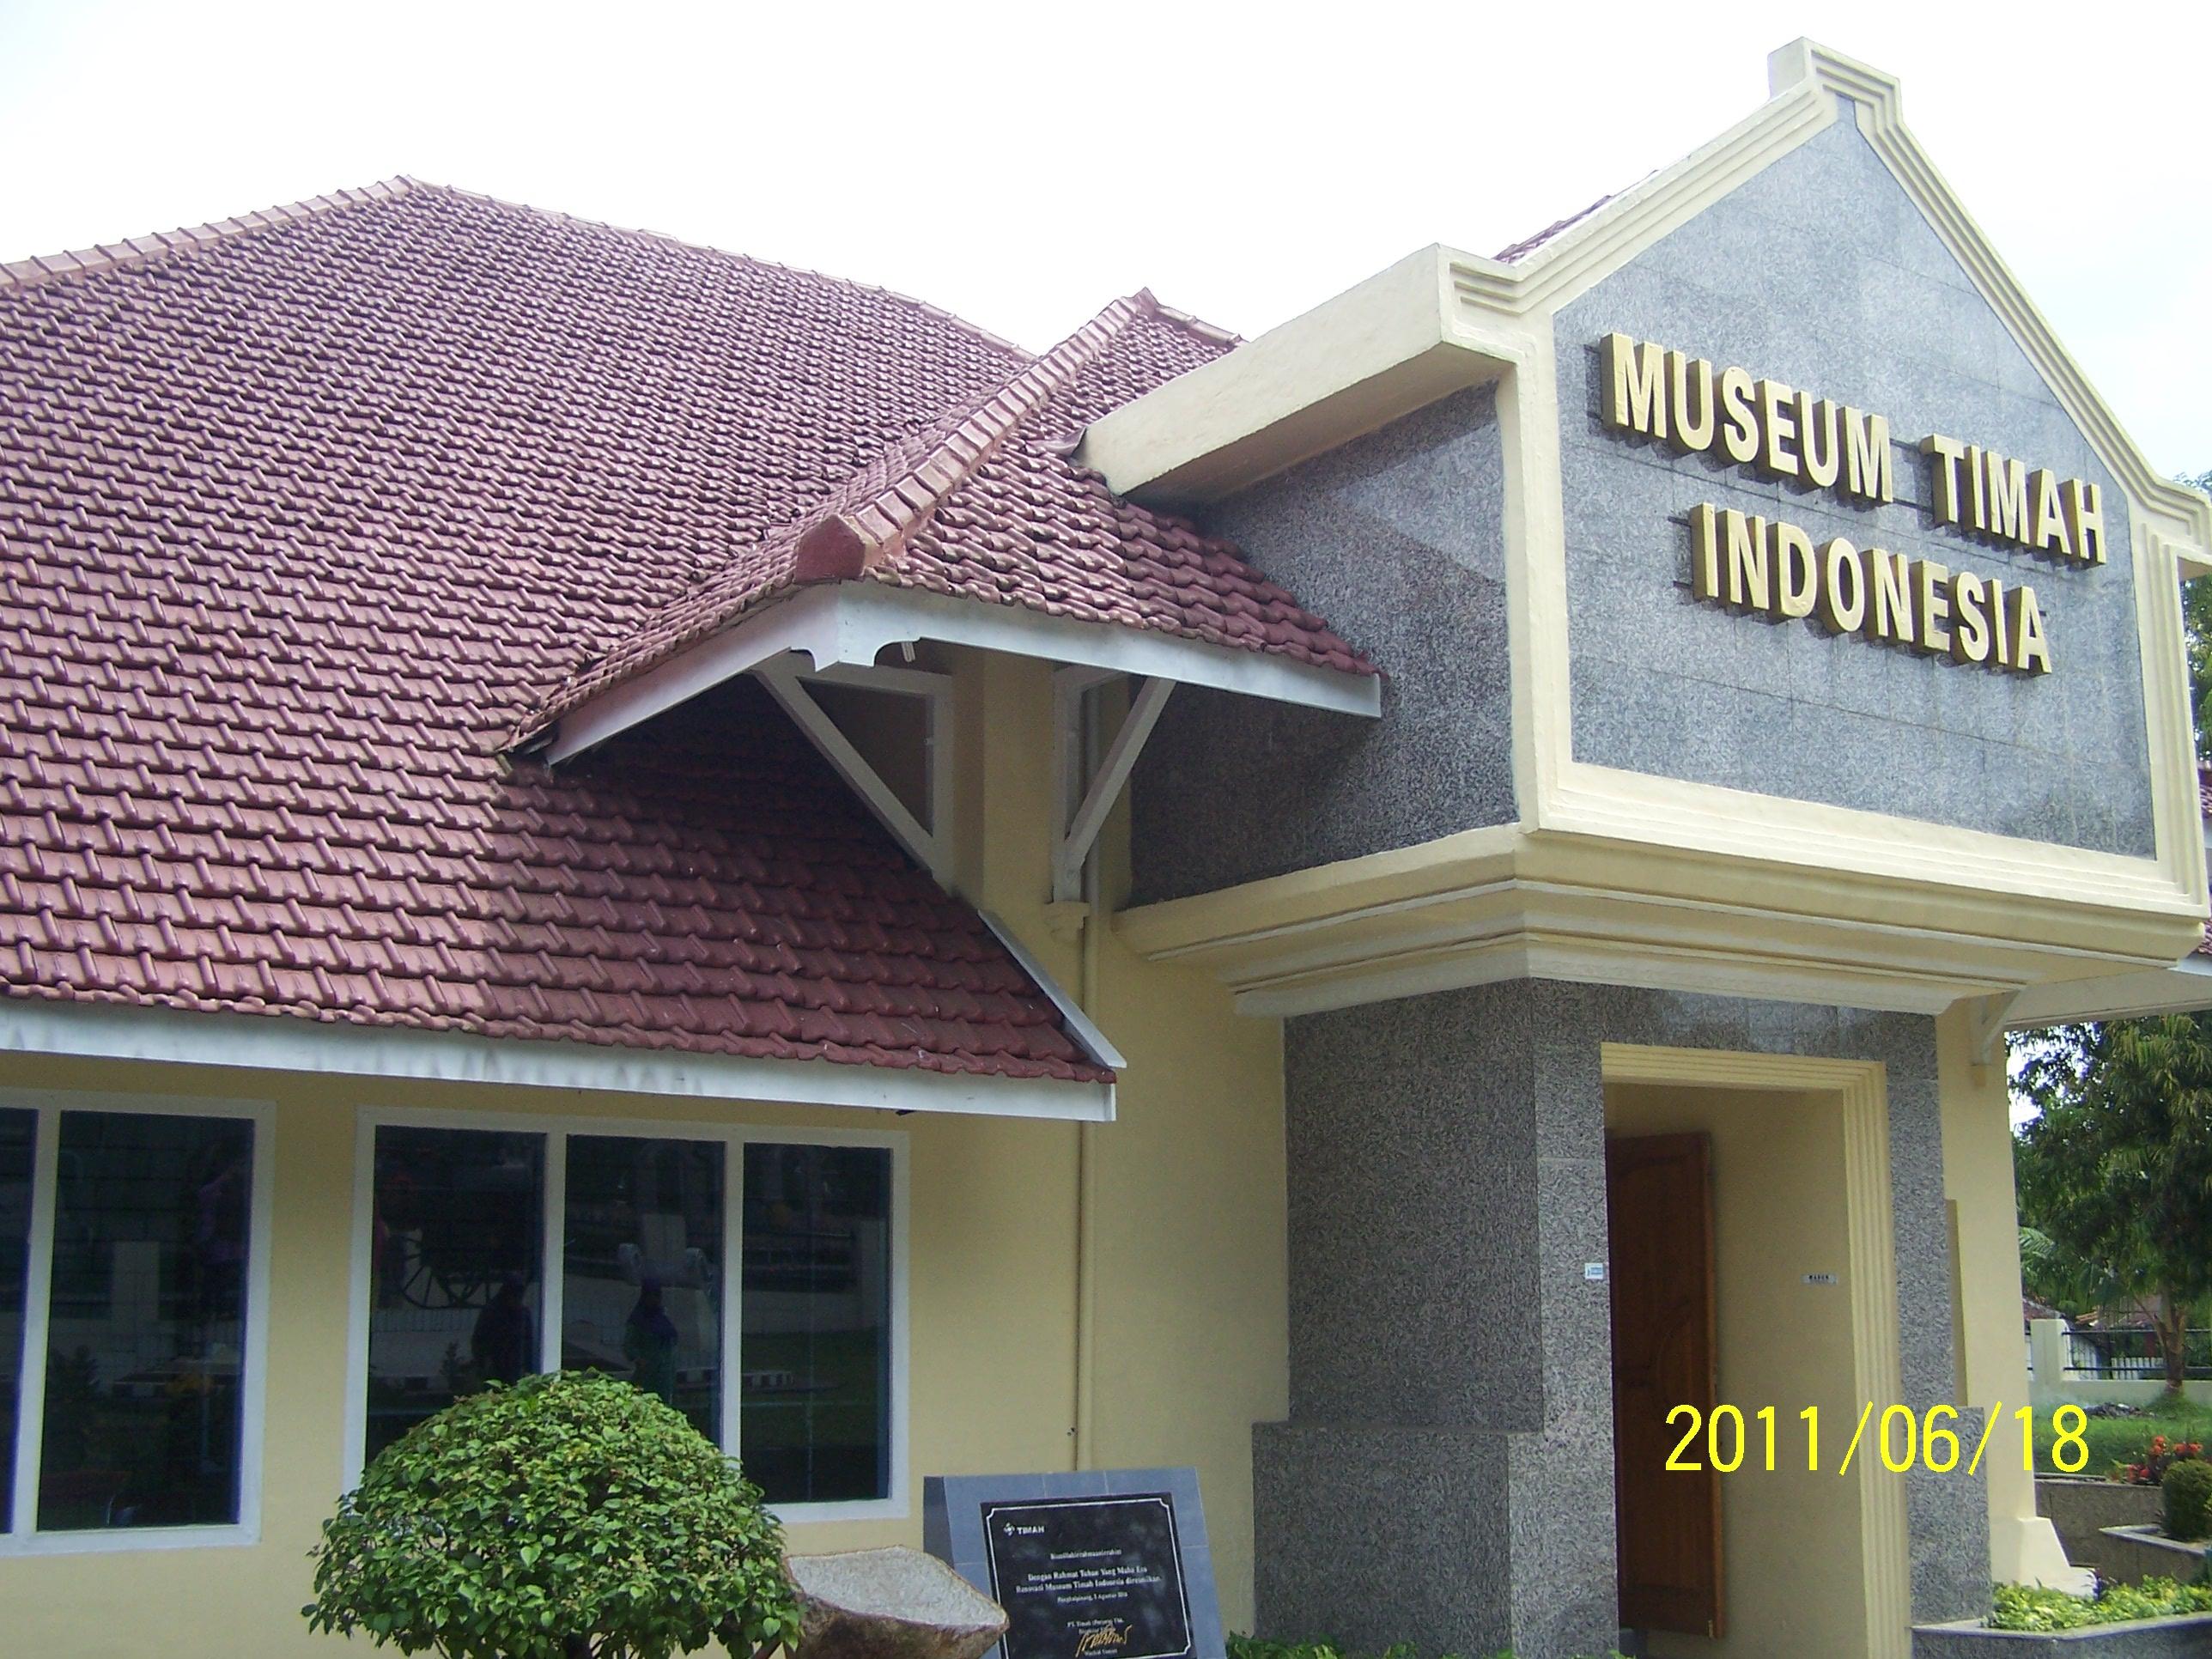 Sejarah Timah Www Bangka Belitung News Museum Indonesia Kota Pangkalpinang